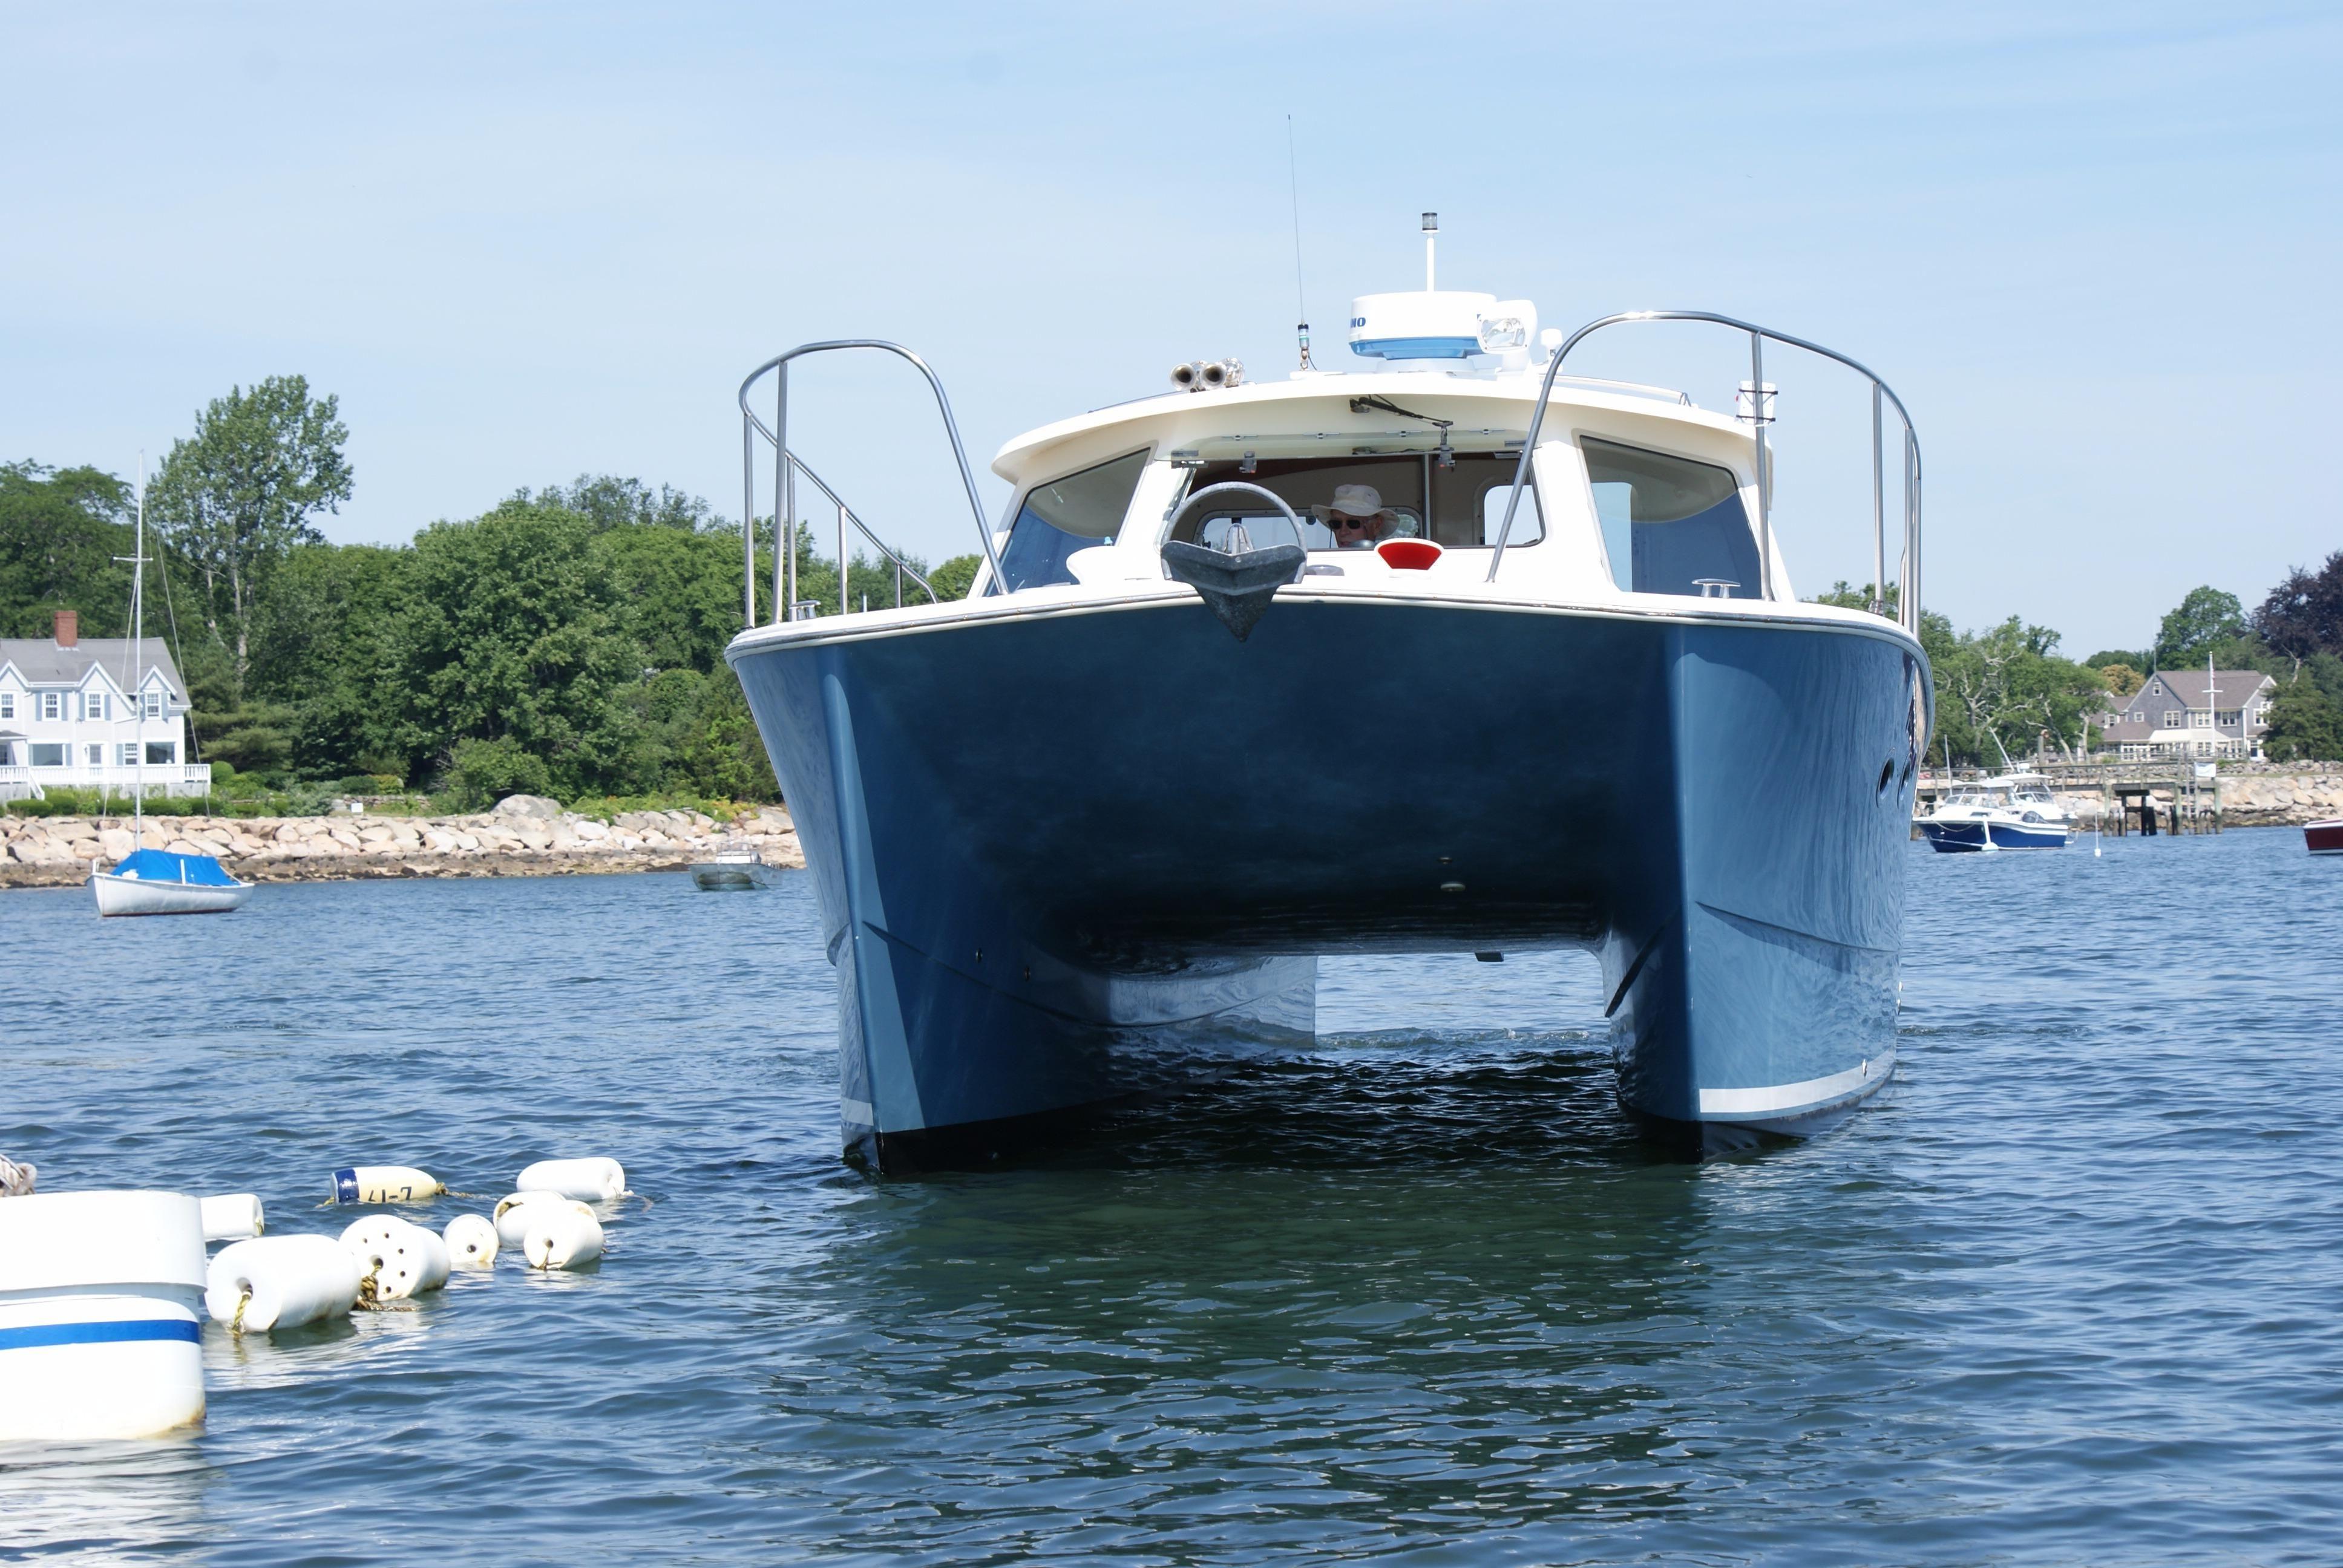 2006 Buzzards Bay 33 Power Boat For Sale - www.yachtworld.com